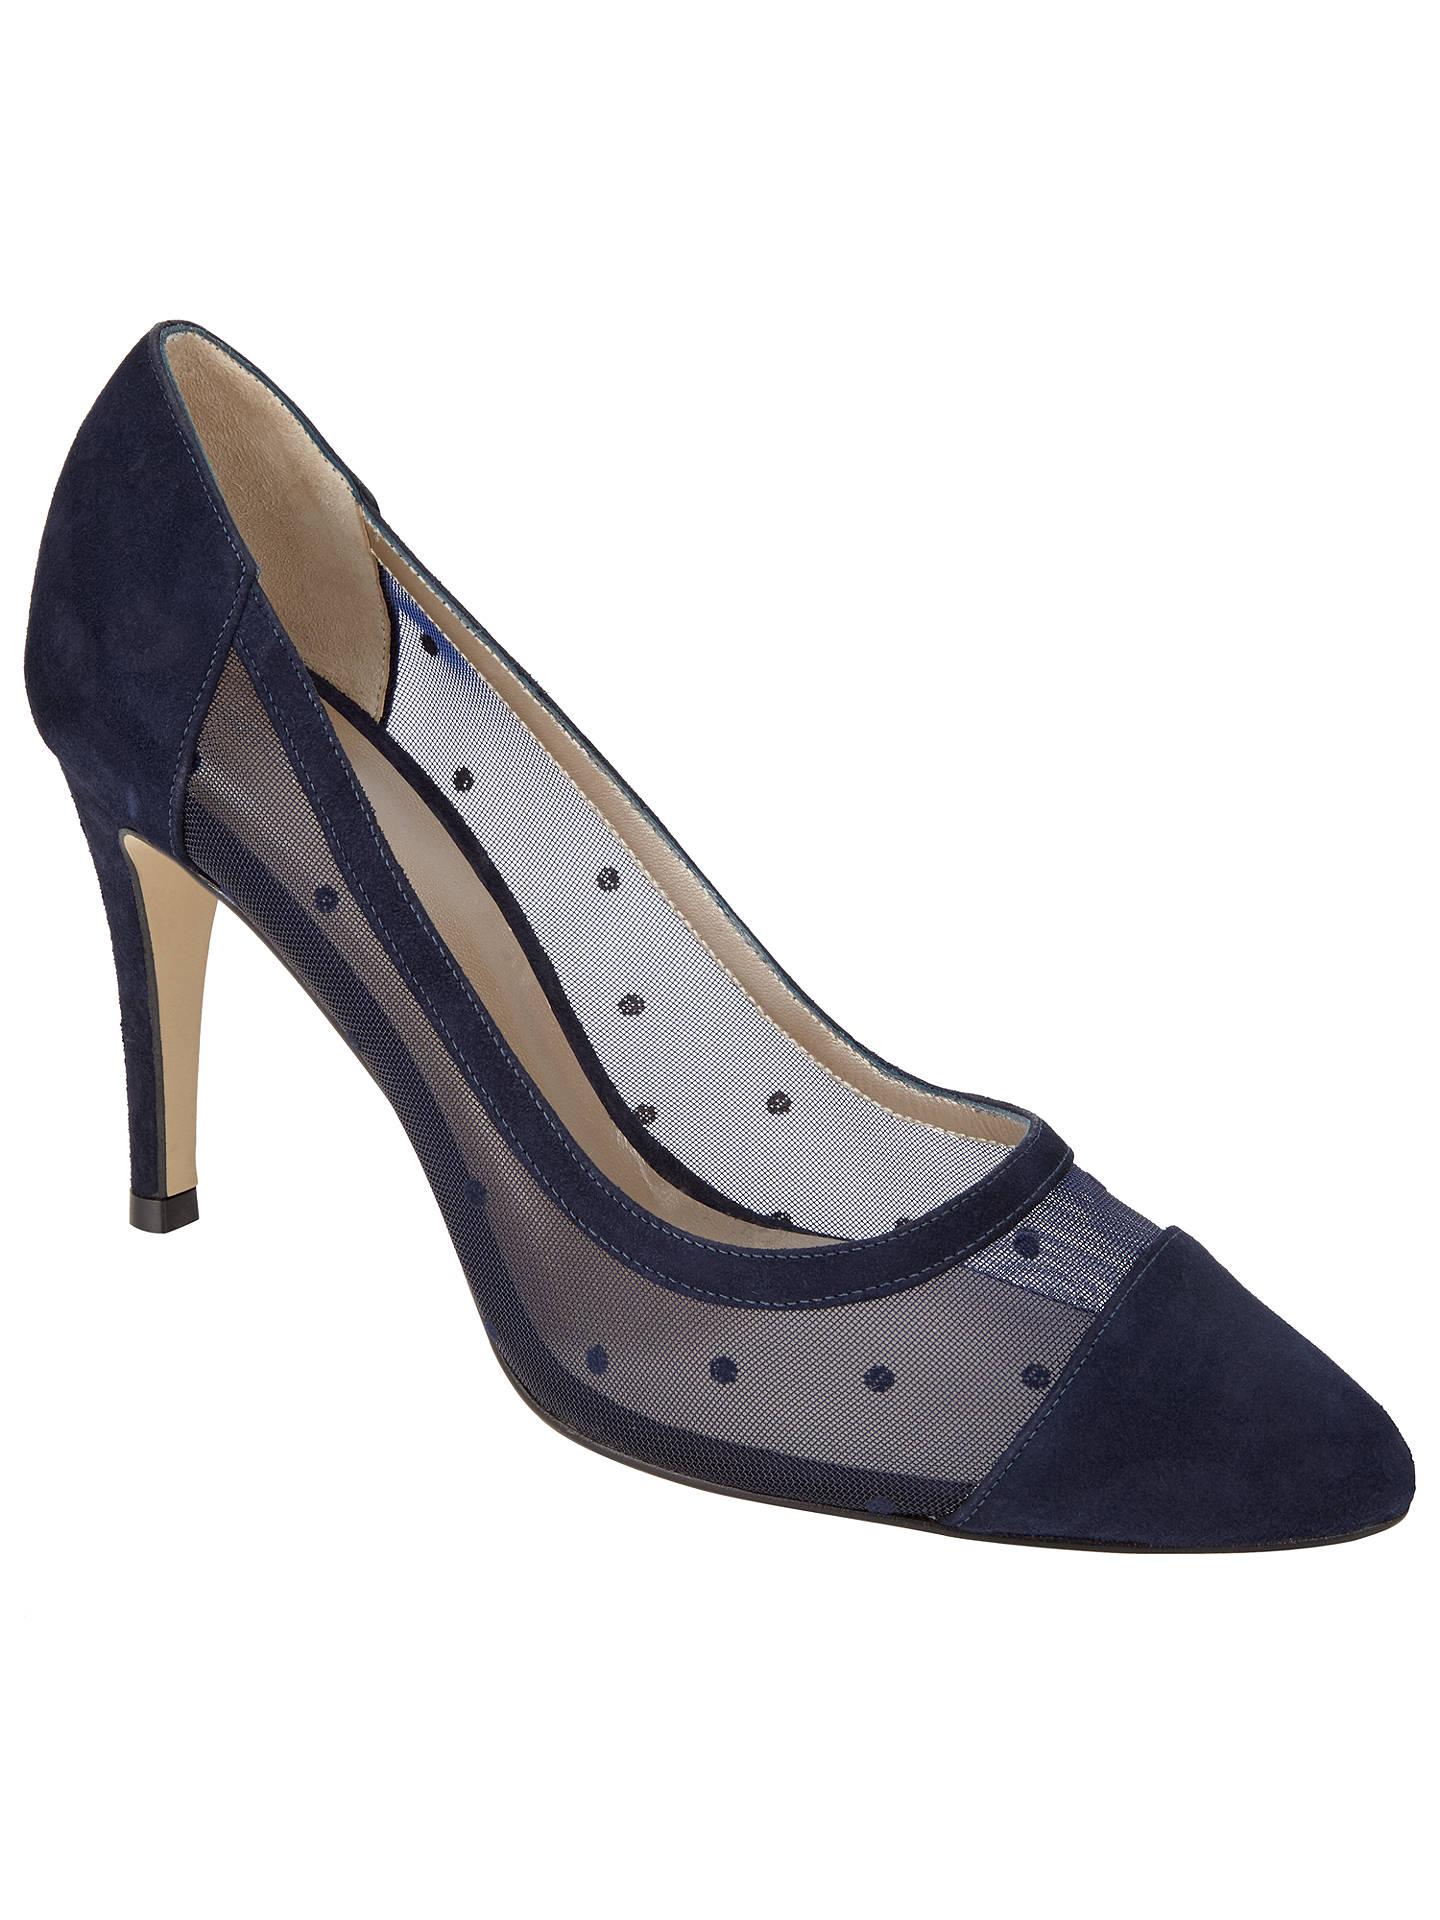 d66b69747d2d Buy John Lewis Bella Mesh Court Shoes